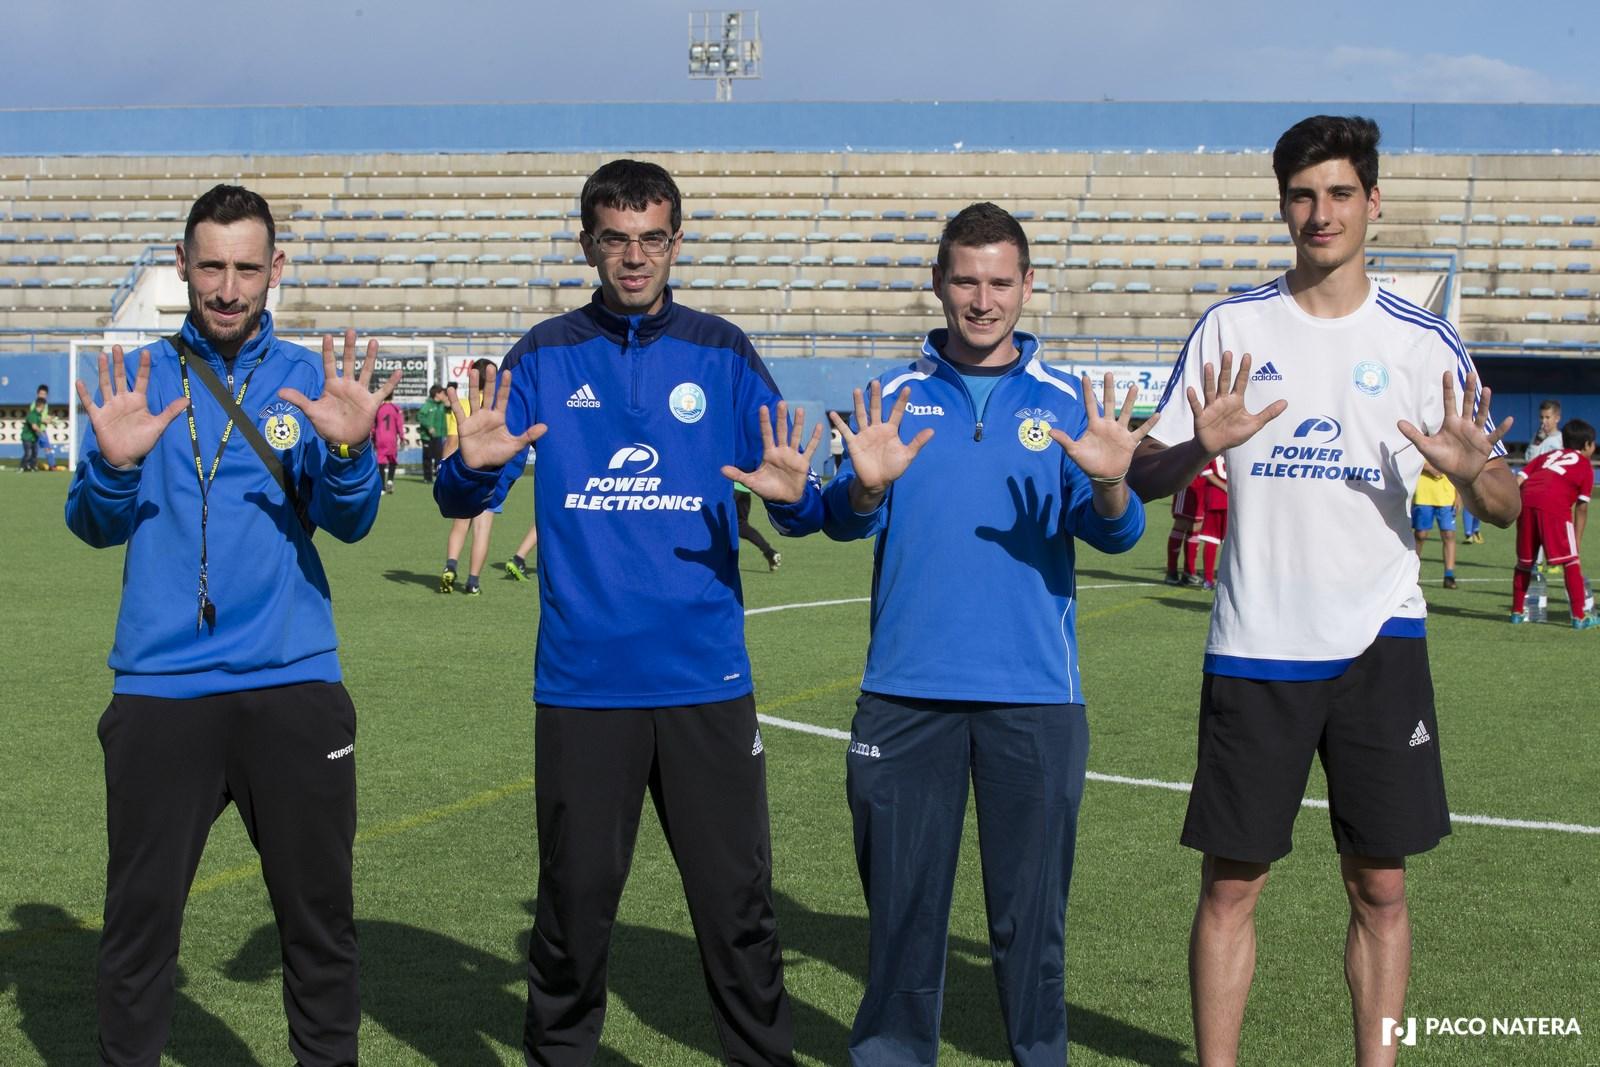 De izquierda a derecha: Ramiro, Jordi Riera, Juanan y Aitor, entrenadores de la base que muestran con sus manos los 10 años de Fútbol Pitiuso.